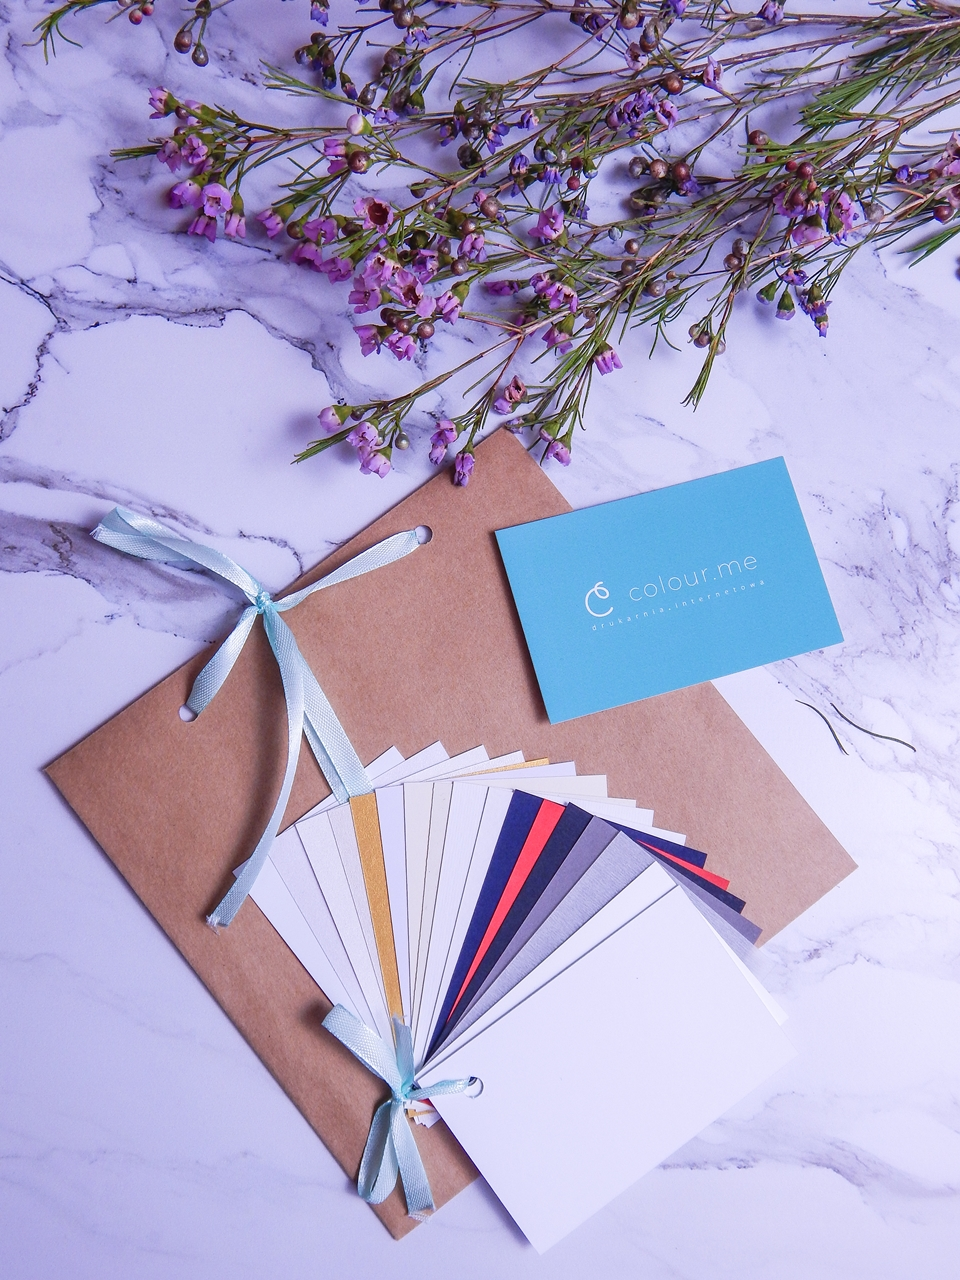 13 colour.me colourme colour me wizytówki druk wizytówek notesów kompleksowa obsługa firm gdzie wydrukować wizytówki zaproszenia kartki świąteczne melodylaniella spersonalizowane gadżety dla firm